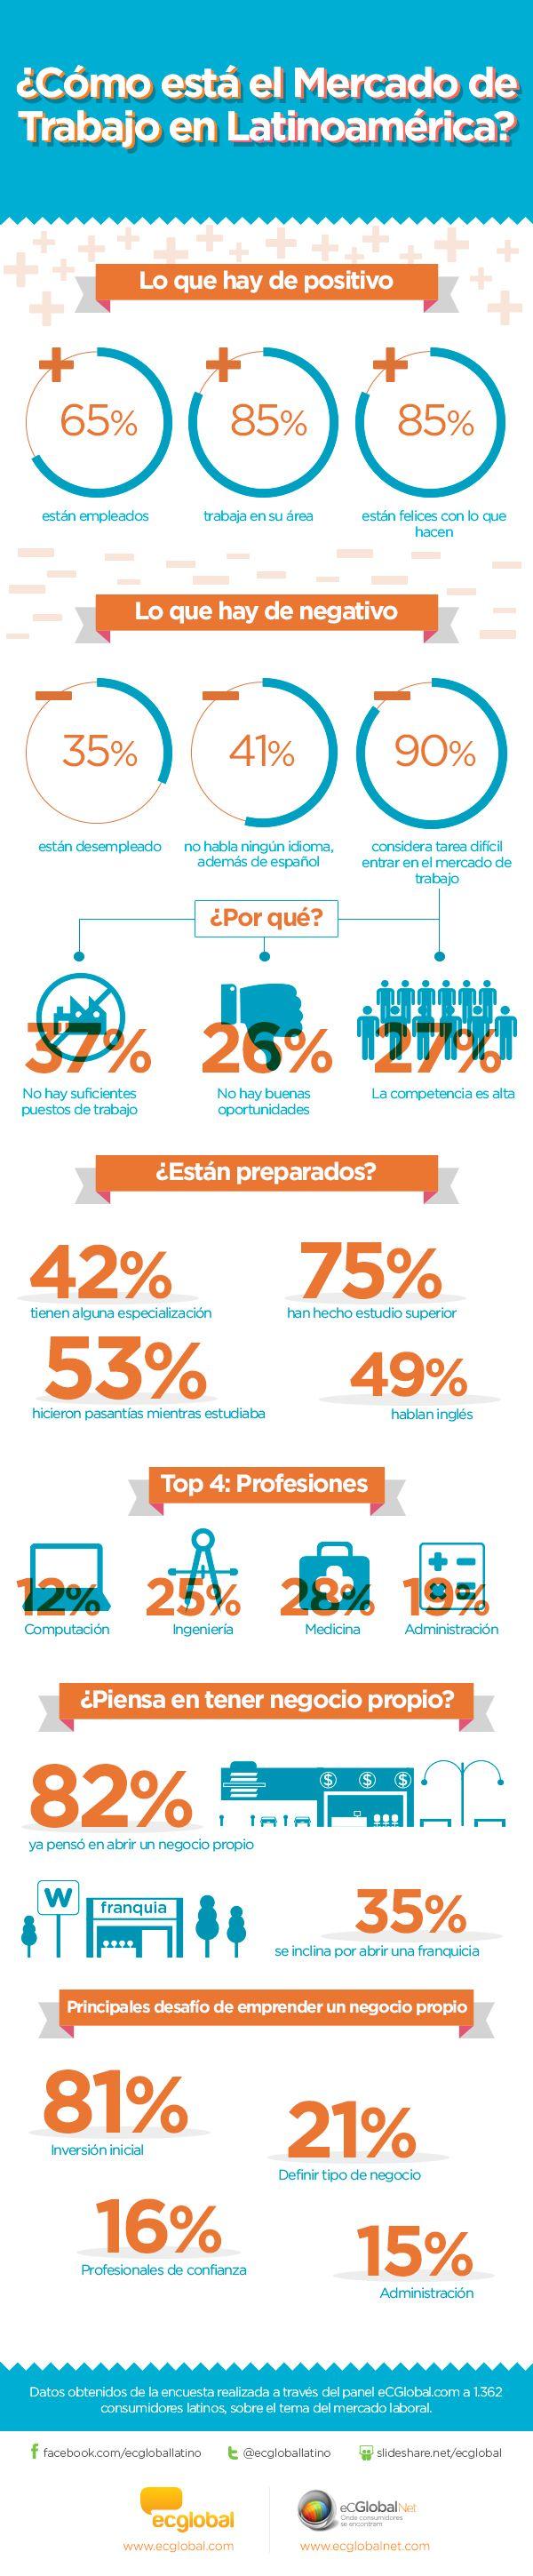 ¿Cómo es el mercado de trabajo en latinoamérica? En eCGlobalNet realizamos una encuesta a 1.362 latinos para descubrir la situación actual del mercado de trabajo en los países de latinoamérica, así como también indagar en las expectativas y preparación de los profesionales de hoy. ¡No te pierdas este interesante #Infografico!